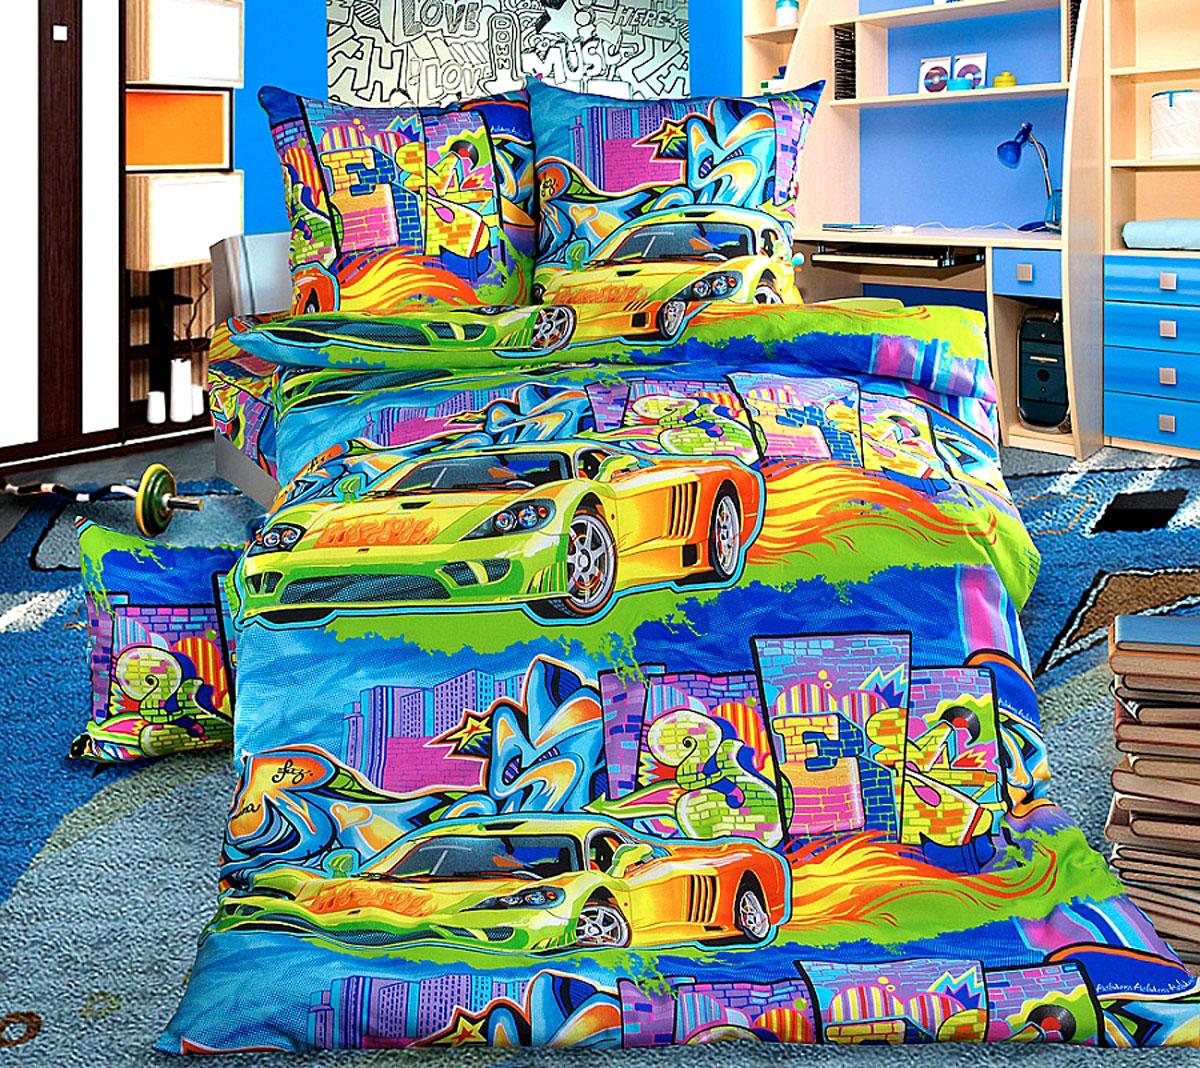 ТексДизайн Комплект детского постельного белья Граффити 1,5-спальный1100АКомплект детского постельного белья Граффити, состоящий из двух наволочек, простыни и пододеяльника, выполнен из прочной бязи. Комплект постельного белья украшен изображениями яркого граффити на фоне городских многоэтажек и голубого неба. Сегодня компания Текс-Дизайн является крупнейшим поставщиком эксклюзивной набивной бязи. Вся ткань изготовлена из 100% хлопка. Бязь - хлопчатобумажная плотная ткань полотняного переплетения. Отличается прочностью и стойкостью к многочисленным стиркам. Бязь считается одной из наиболее подходящих тканей, для производства постельного белья и пользуется в России большим спросом. Фирменная продукция отличается оригинальным дизайном, высокой прочностью и долговечностью. Такой комплект идеально подойдет для кроватки вашего малыша. На нем ребенок будет спать здоровым и крепким сном.